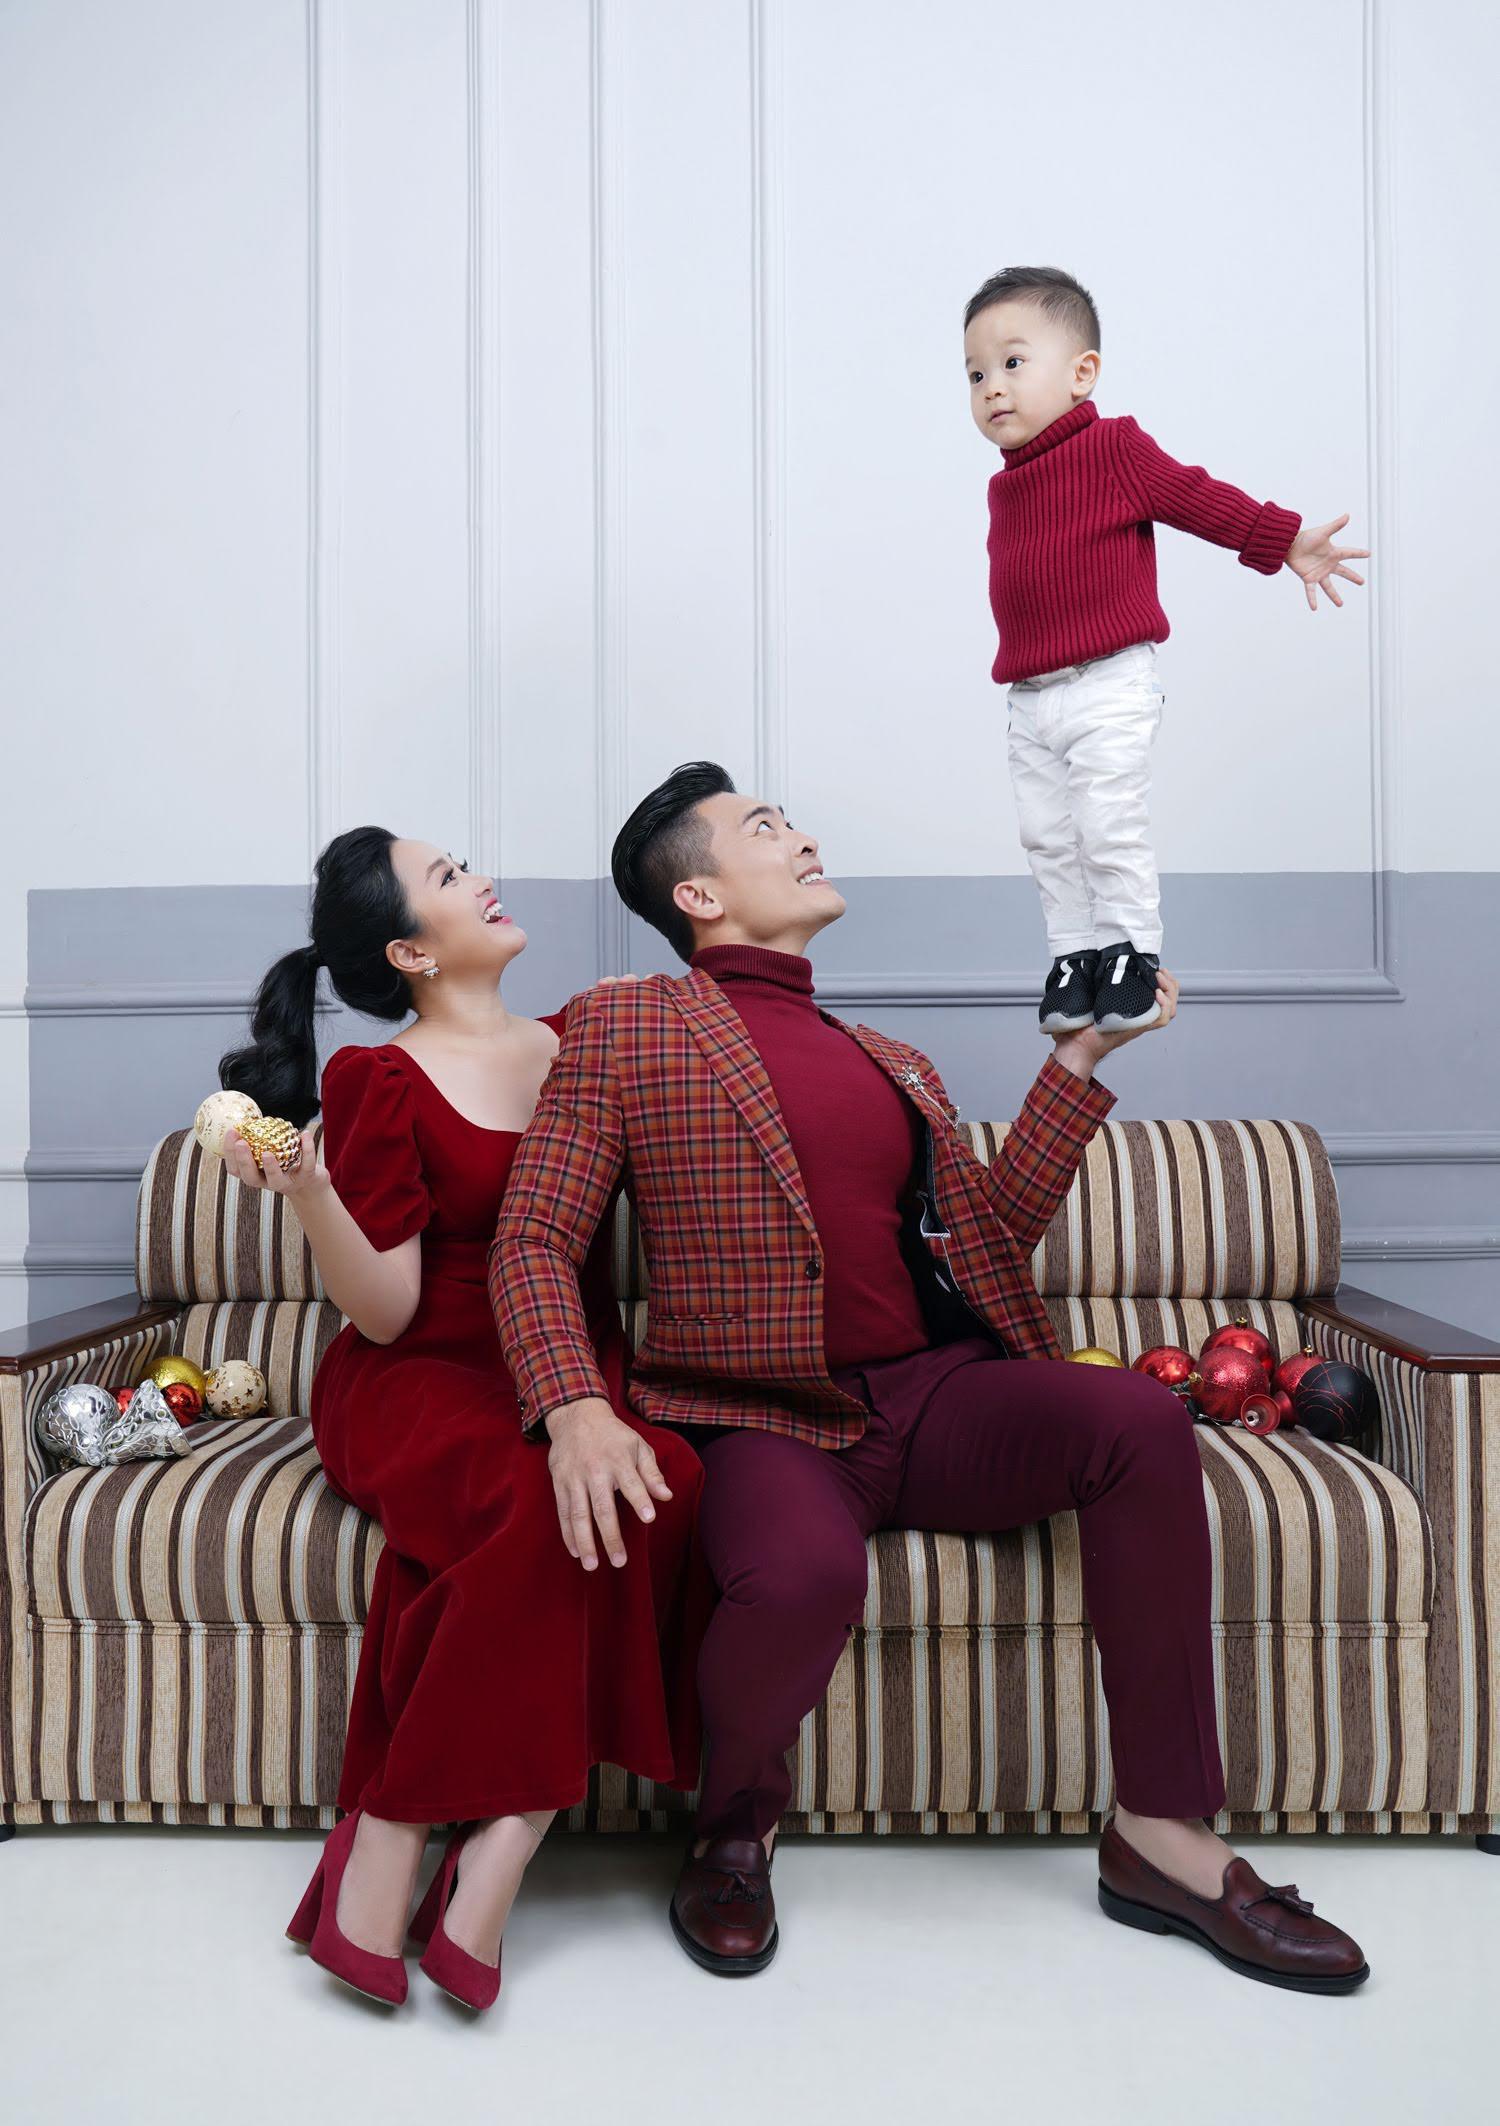 Gửi lời chúc sinh nhật vợ ngọt ngào, Quốc Cơ tiện khoe luôn con trai mới 2 tuổi đã có sở thích tập nhào lộn - Ảnh 4.